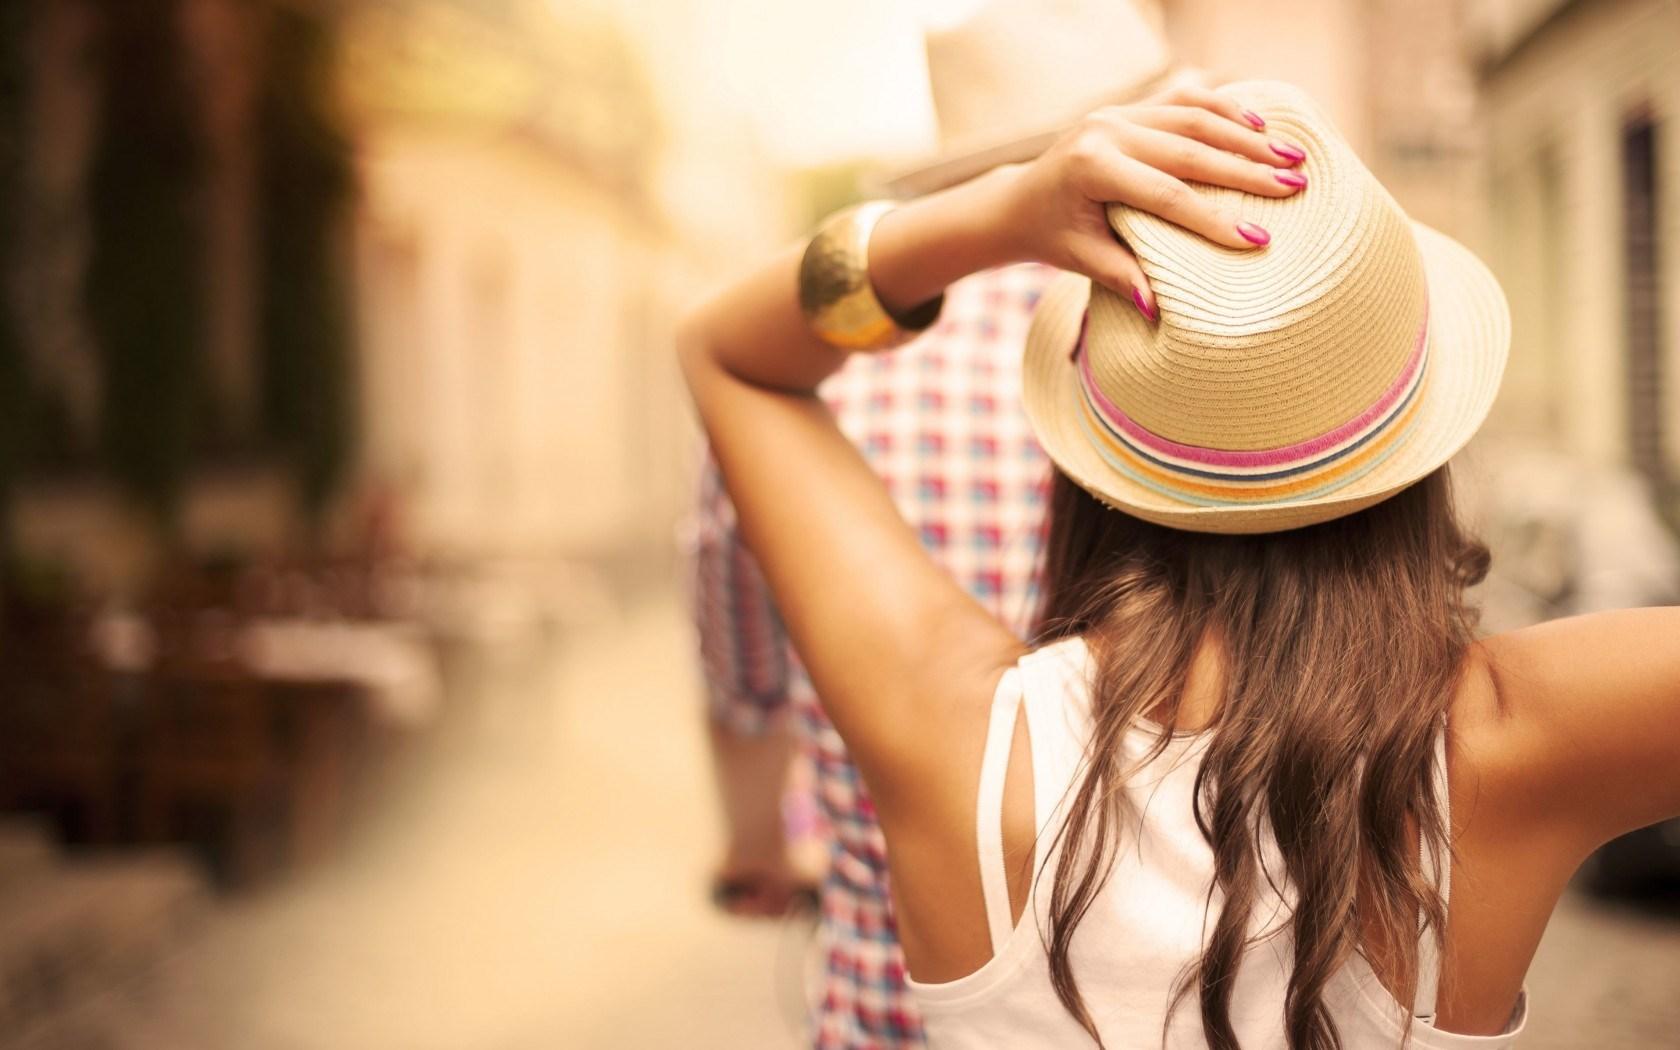 mood-girl-bracelet-hat-hd-wallpaper